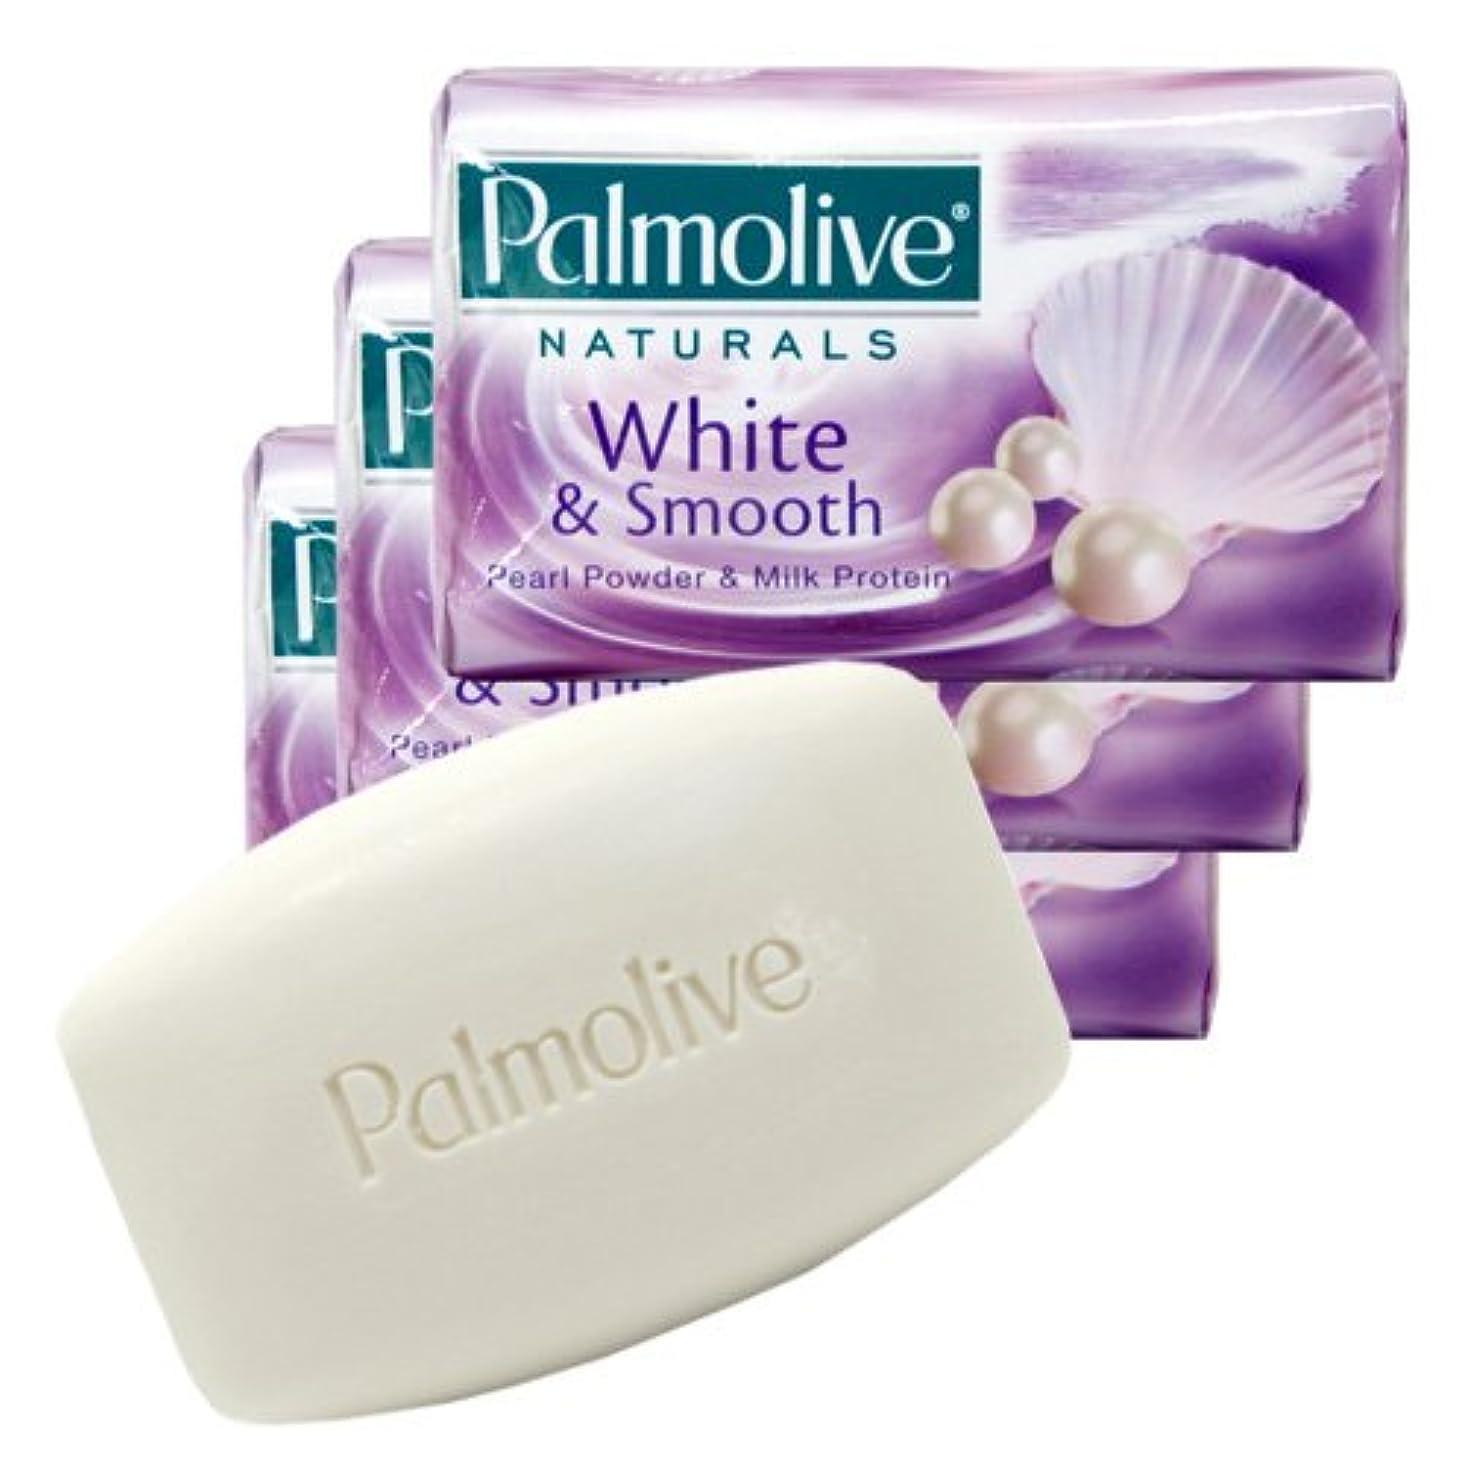 捨てるアレイウェイター【Palmolive】パルモリーブ ナチュラルズ石鹸3個パック ホワイト&スムース(パールパウダー&ミルクプロテイン)80g×3